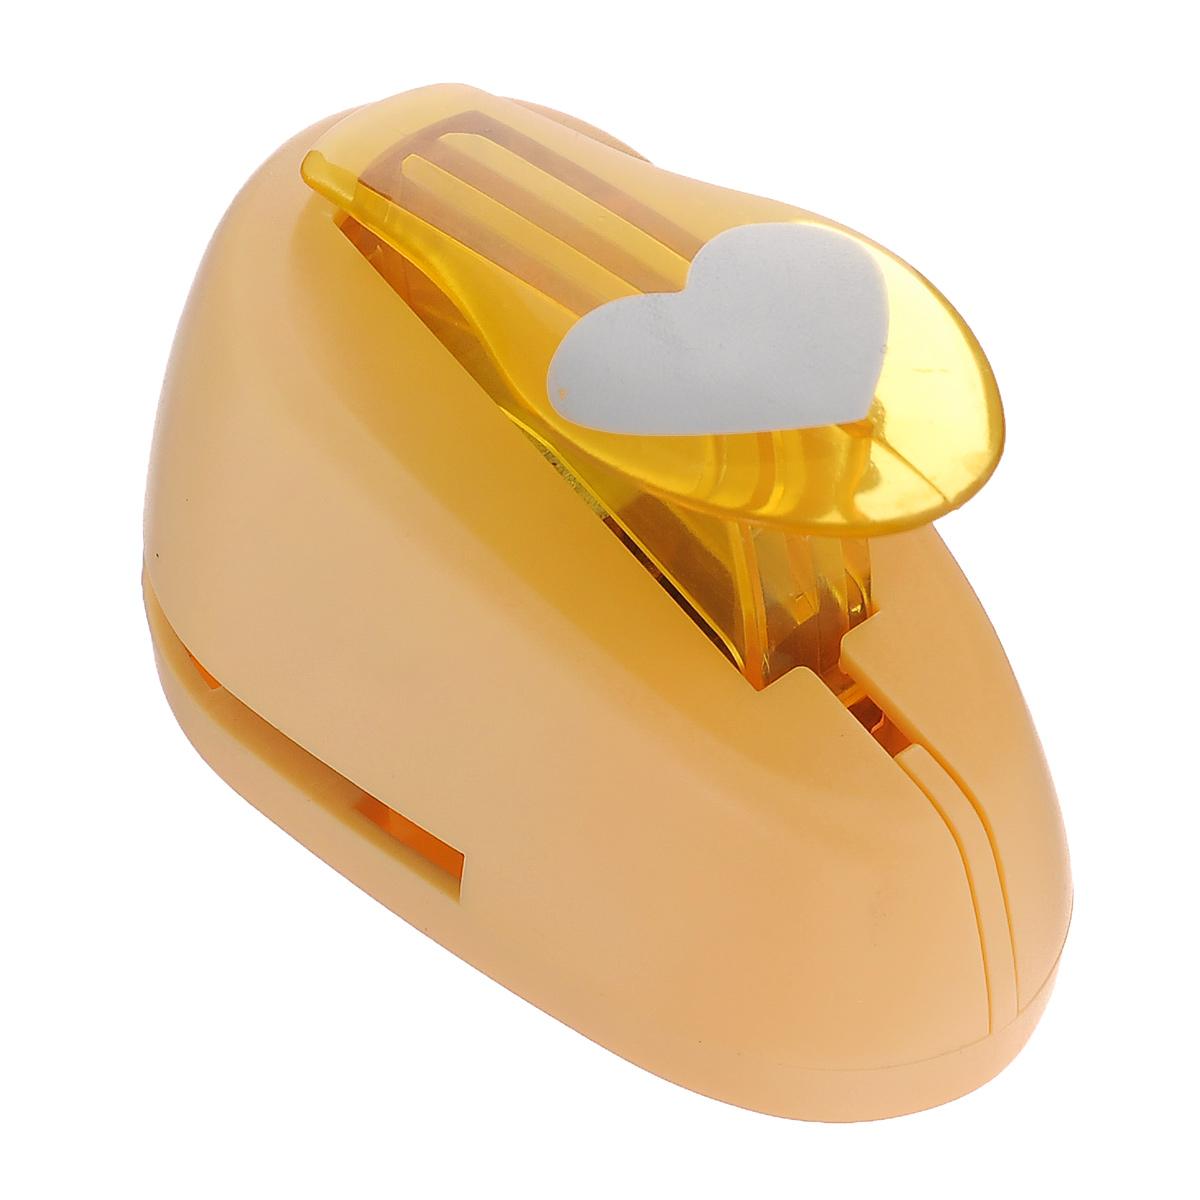 Дырокол фигурный Астра Сердце. CD-99M7709605_9Дырокол Астра Сердце поможет вам легко, просто и аккуратно вырезать много одинаковых мелких фигурок. Режущие части компостера закрыты пластмассовым корпусом, что обеспечивает безопасность для детей. Вырезанные фигурки накапливаются в специальном резервуаре. Можно использовать вырезанные мотивы как конфетти или для наклеивания. Дырокол подходит для разных техник: декупажа, скрапбукинга, декорирования. Размер дырокола: 8 см х 5 см х 5 см. Размер готовой фигурки: 2,5 см х 2 см.